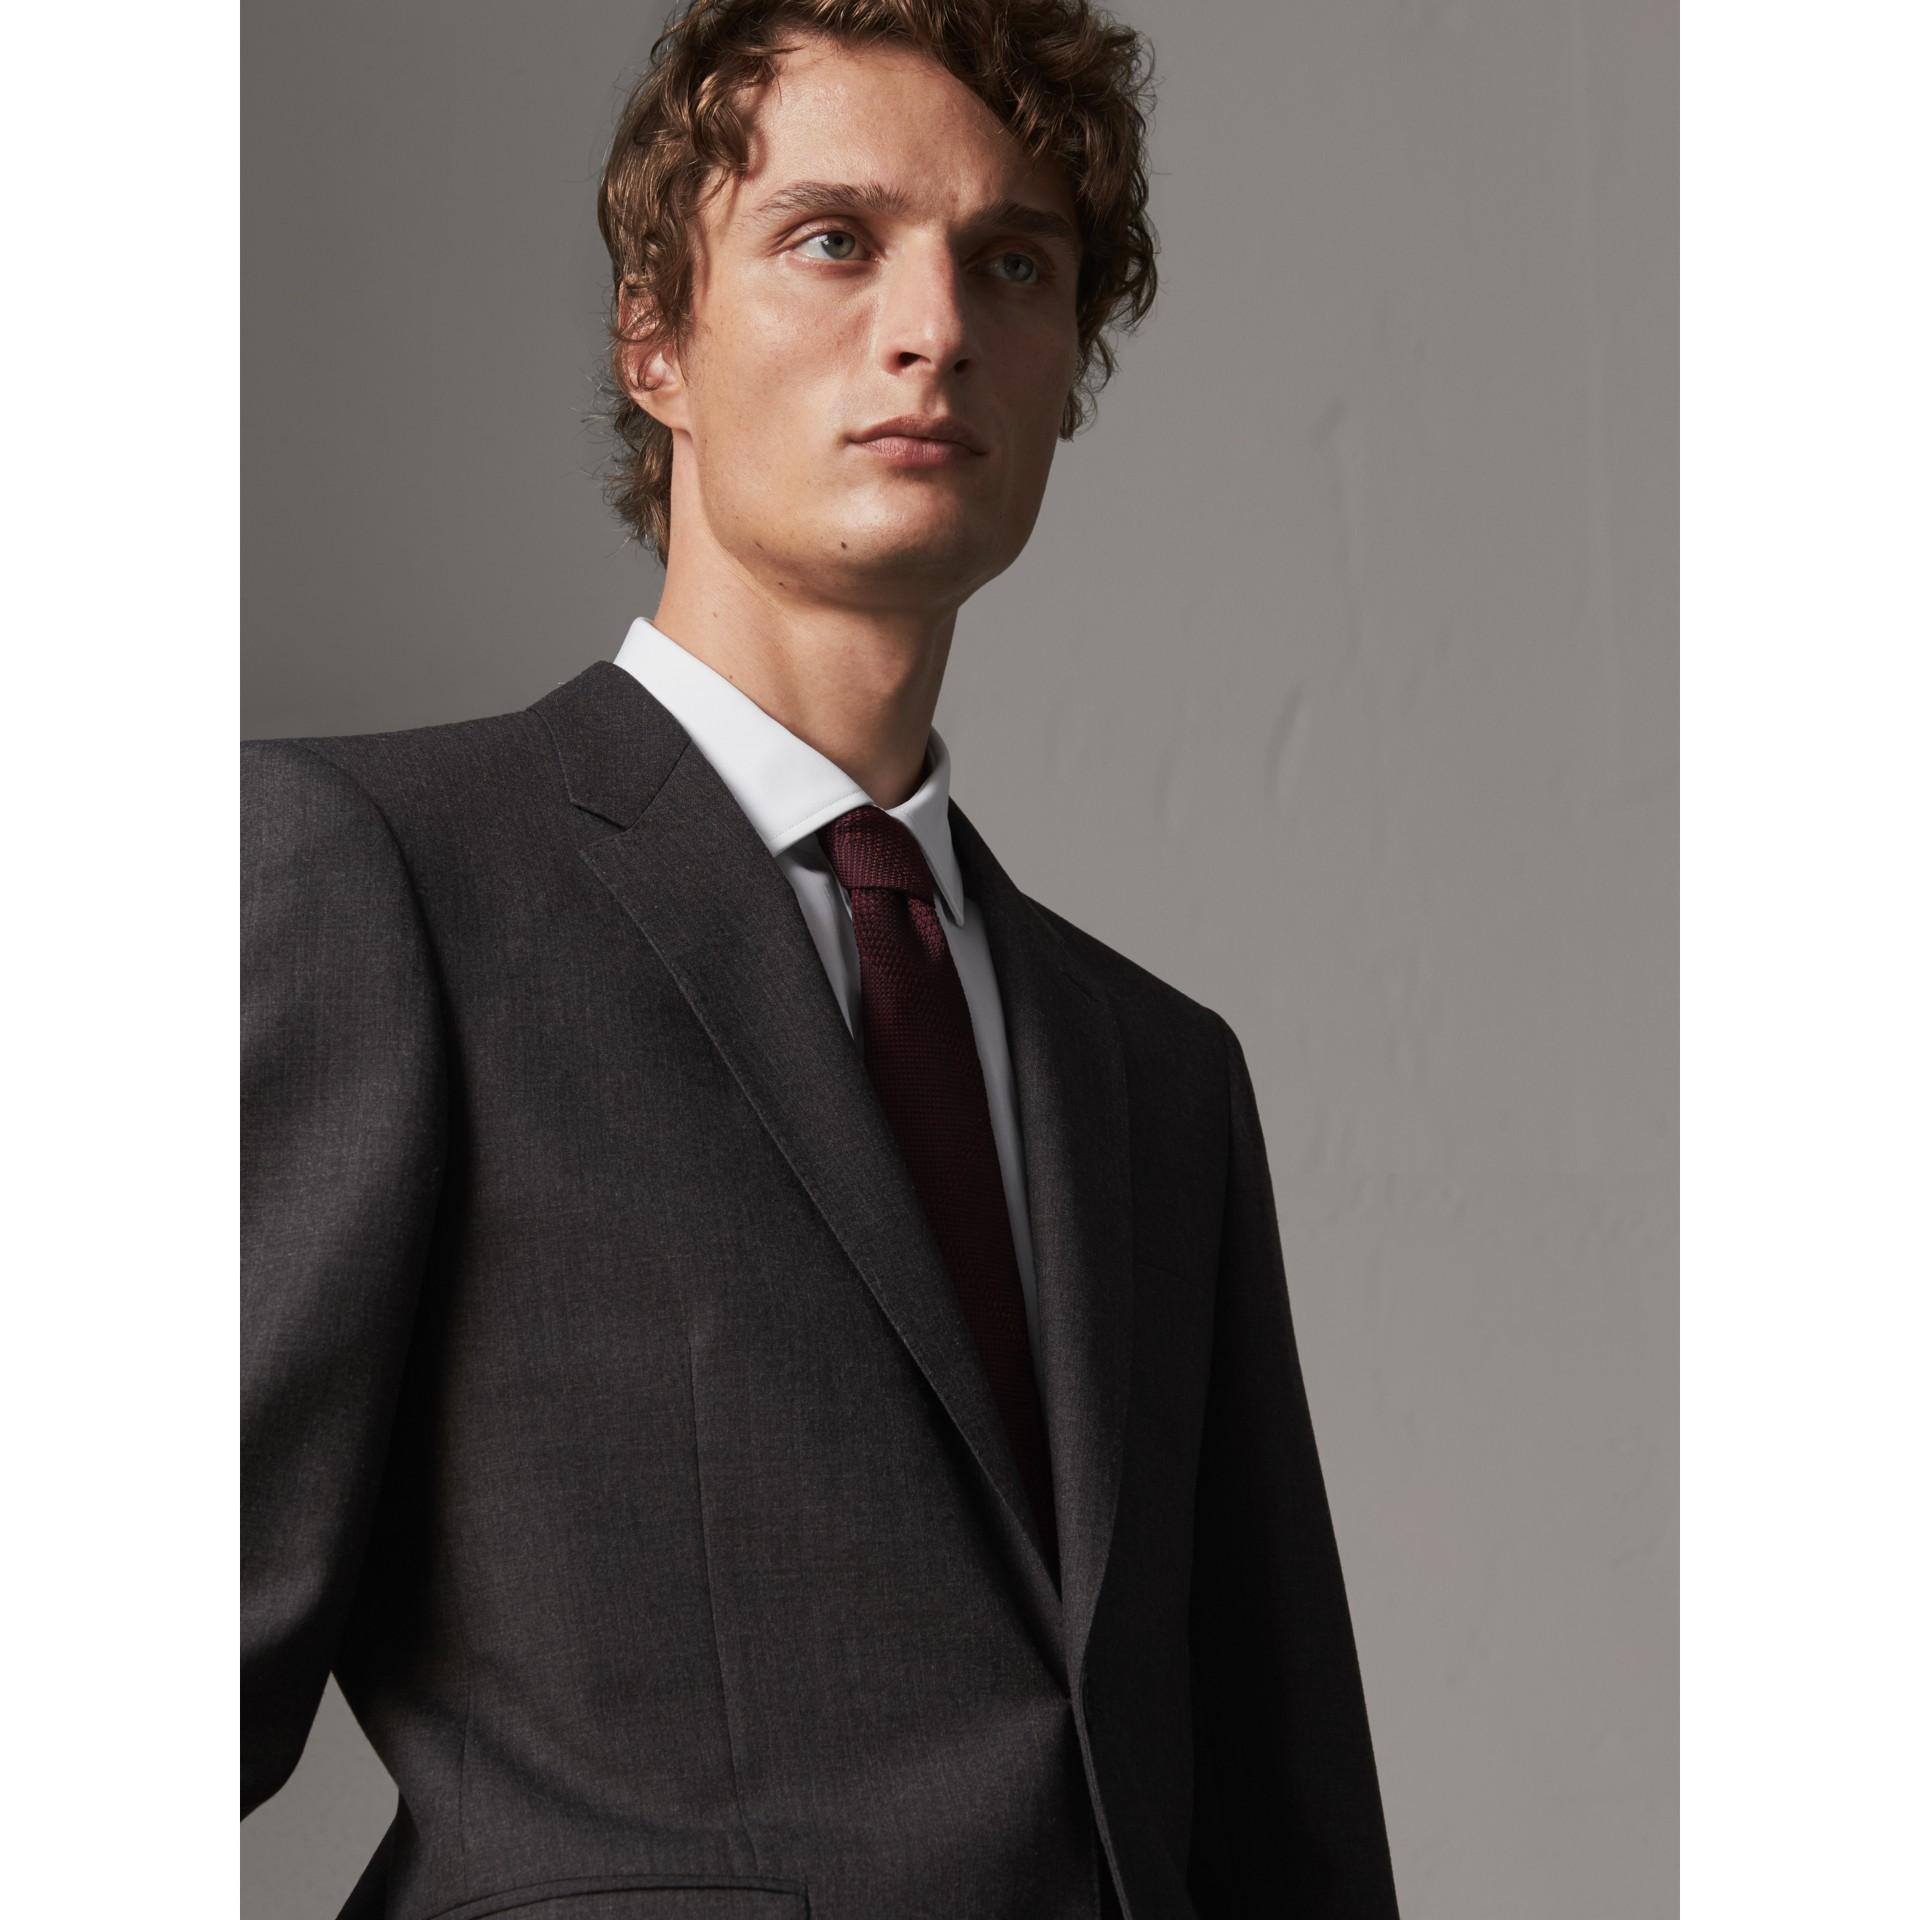 Modern geschnittener Part-Canvas-Anzug aus Wolle (Anthrazitfarben) - Herren | Burberry - Galerie-Bild 5